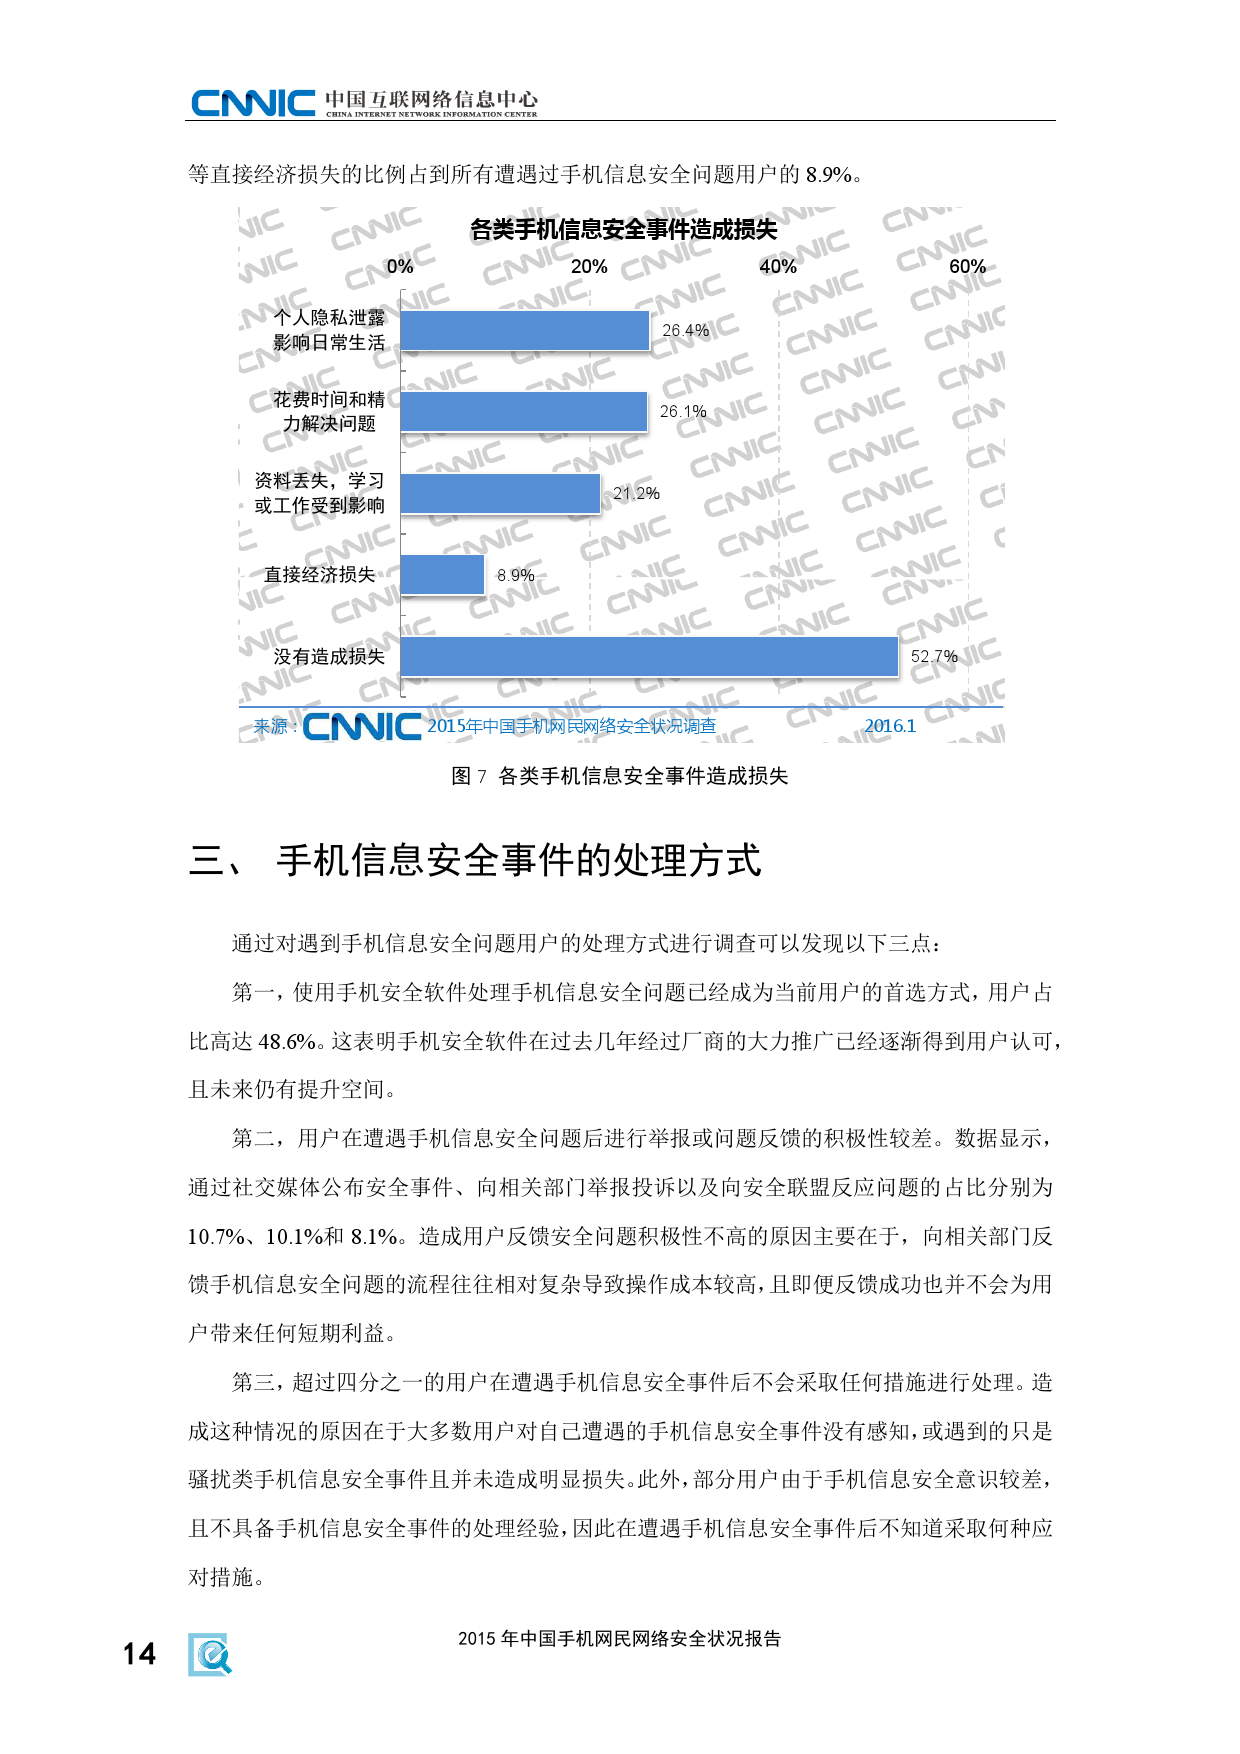 2015年中国手机网民网络安全状况报告_000020